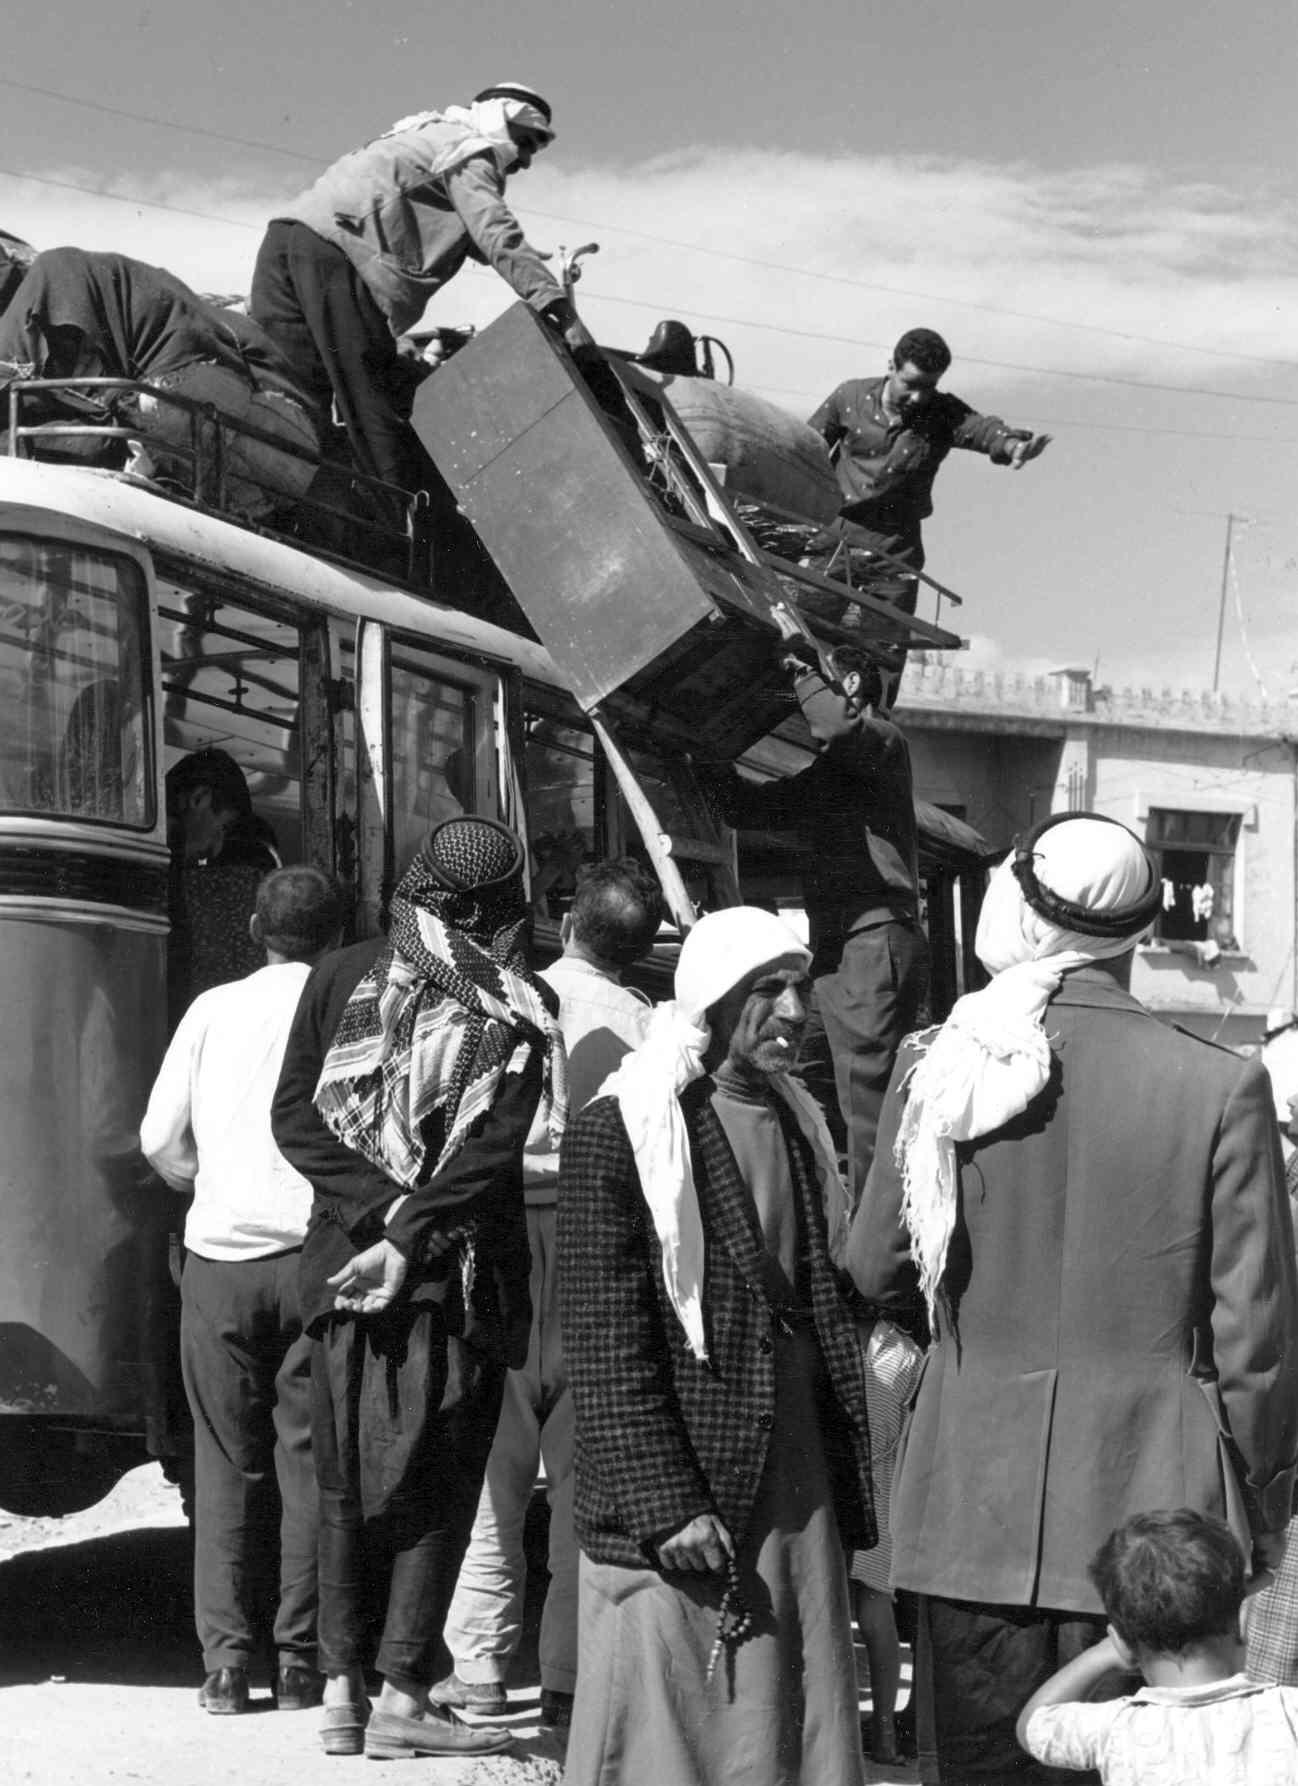 الأرشيف الصهيوني ومحاولات إثبات هروب الفلسطينيين عام 48